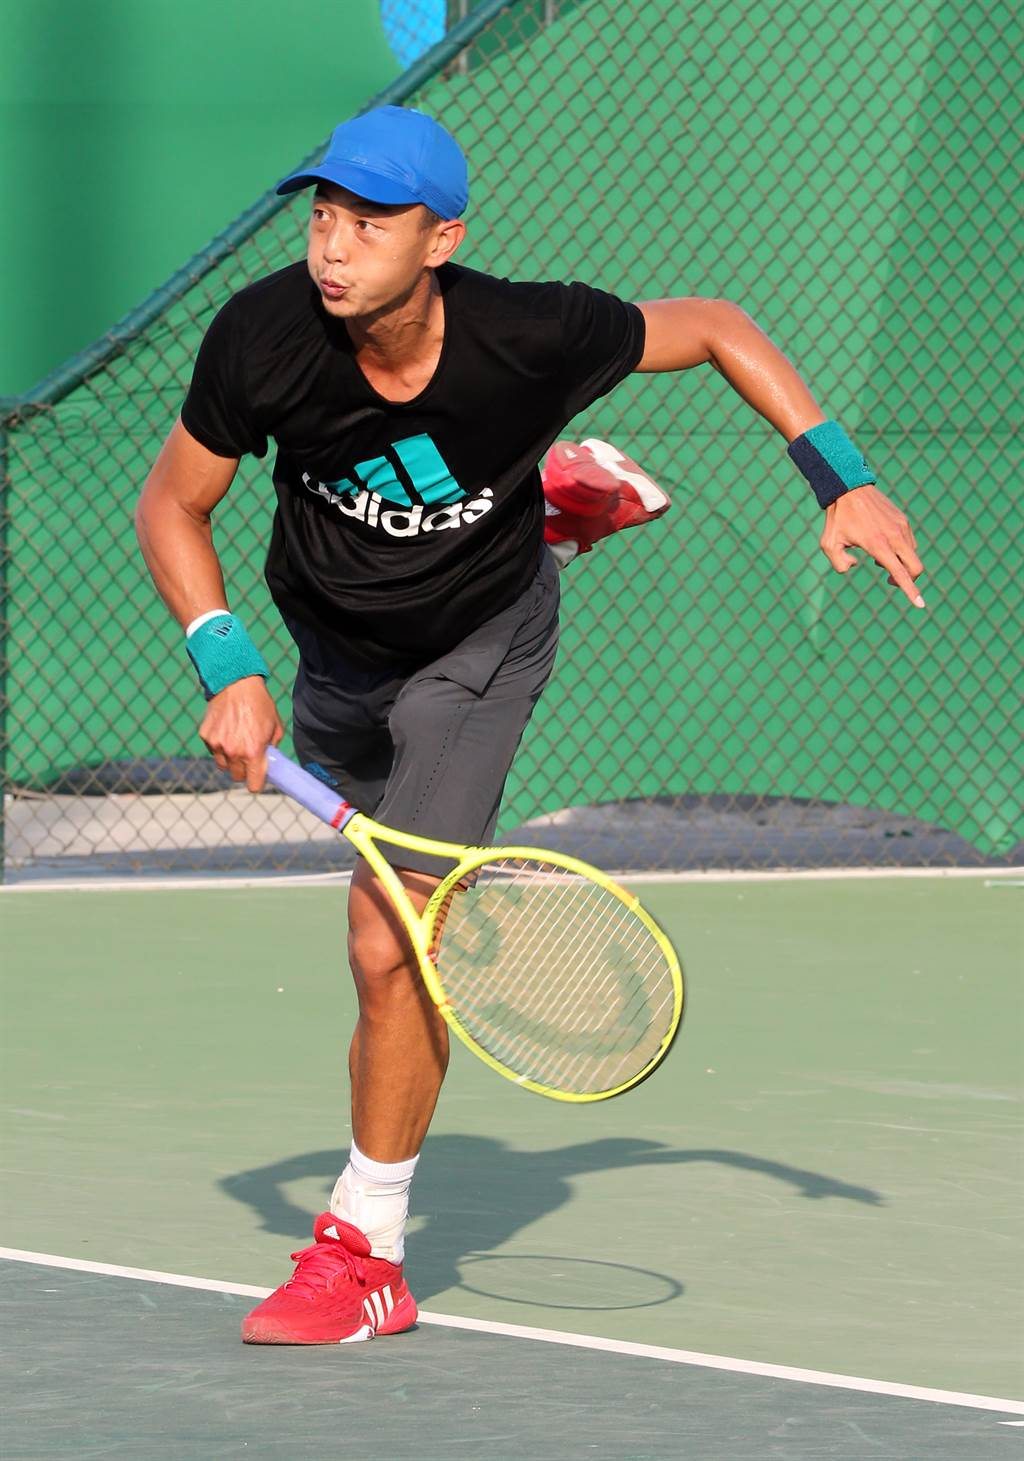 「網球一哥」盧彥勳今天在臉書宣布不參加今年美網賽、法網賽。(資料照/陳信翰攝)